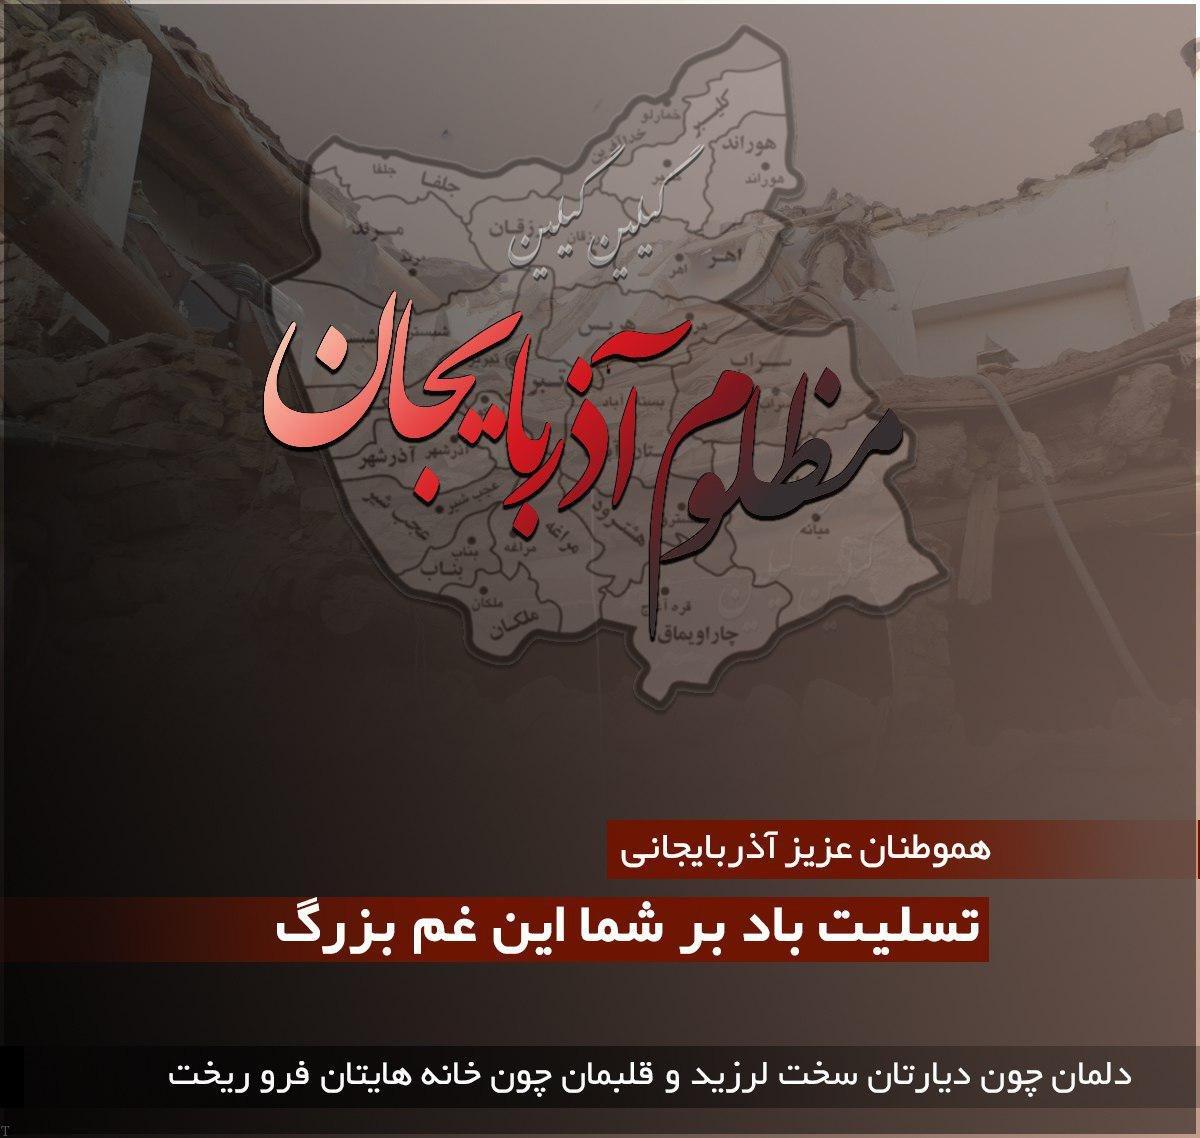 عکس و مطالب مرتبط با زلزله آذربایجان (اخبار و حواشی زلزله آذربایجان)